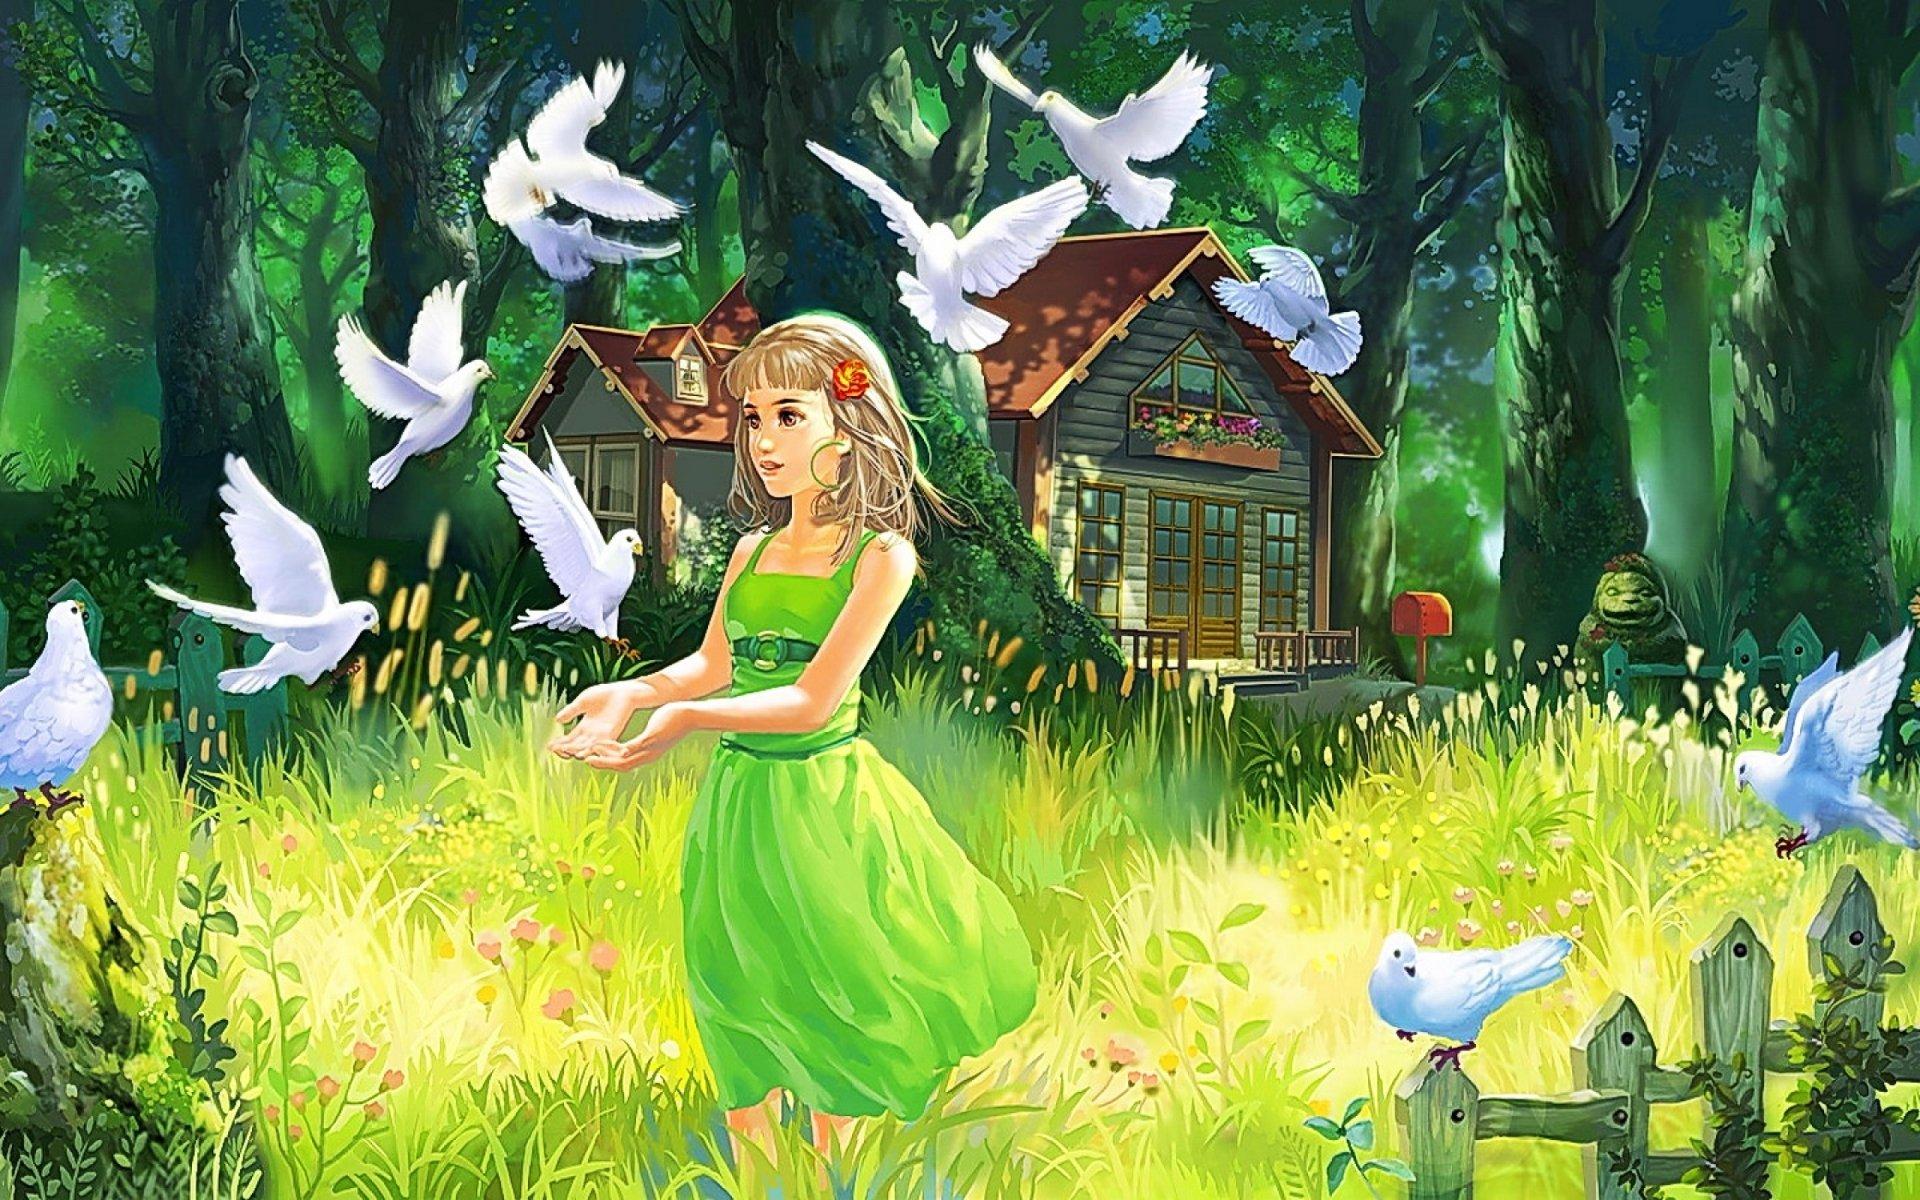 борисоглебским собором картинка поляна птиц нужно быть